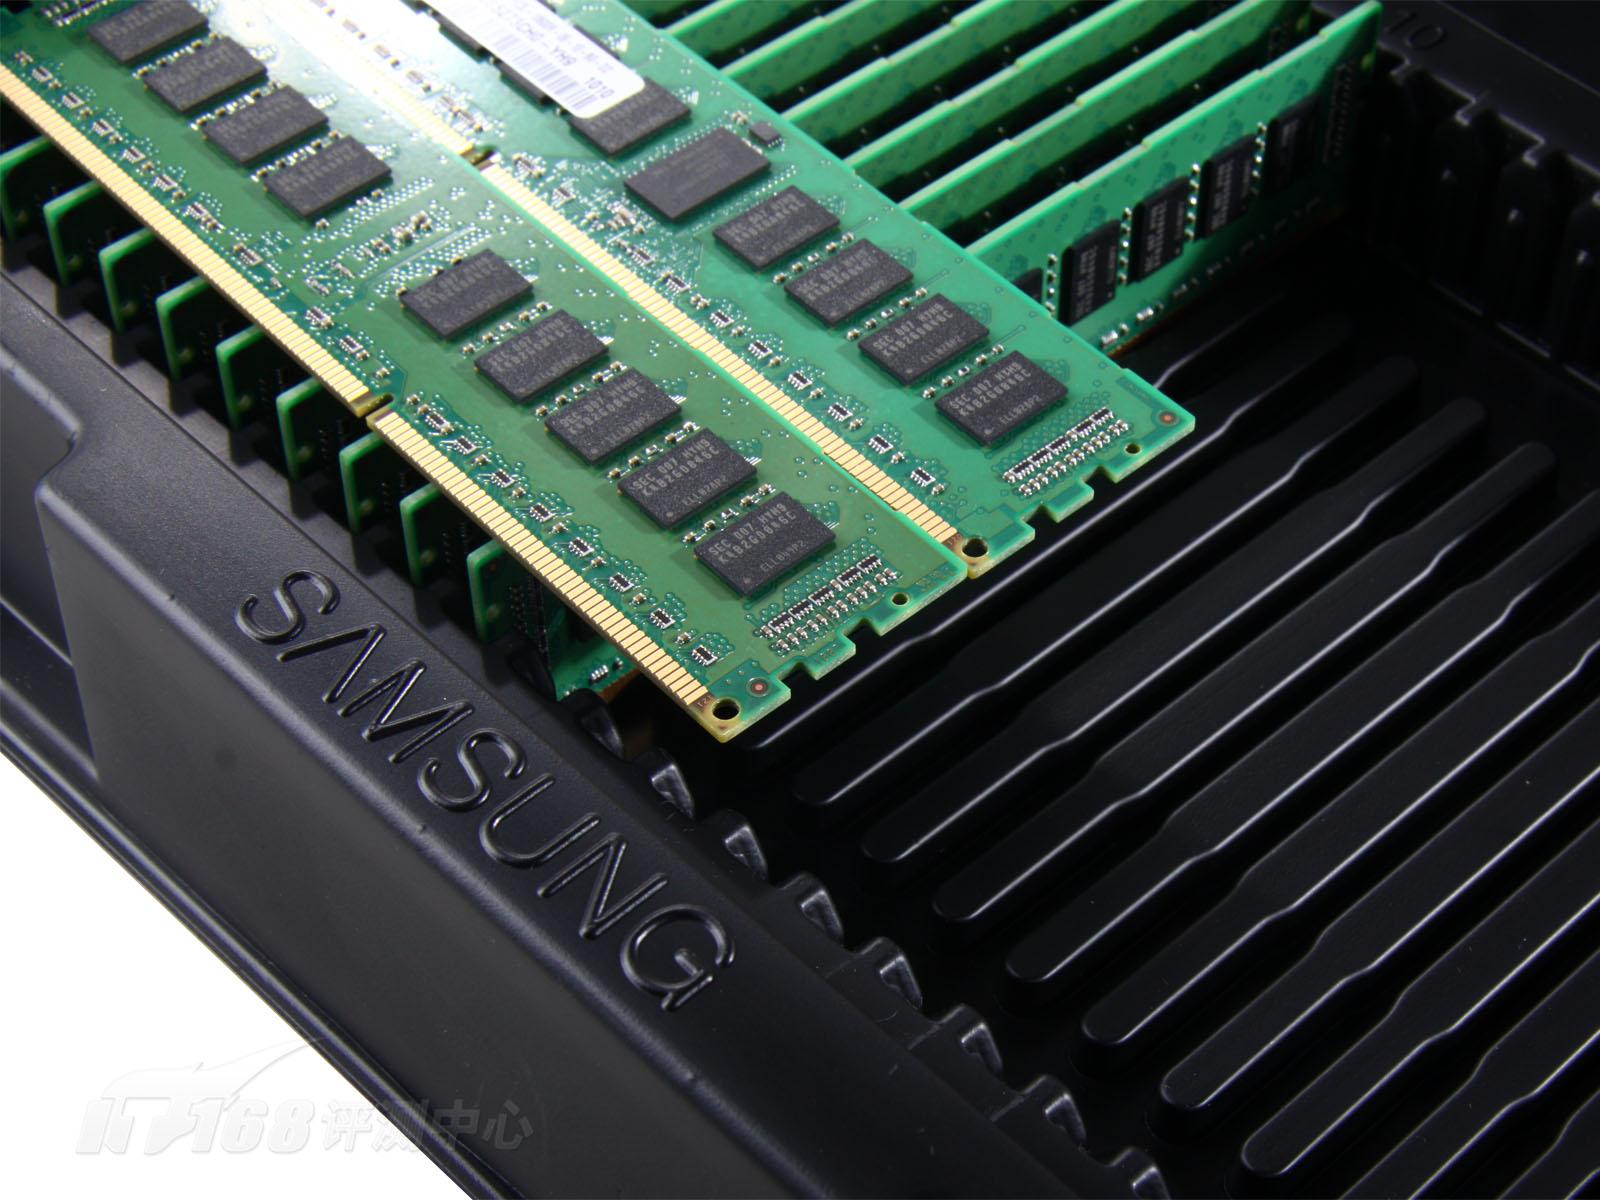 服务器当中,除了处理器占用了一个主要的功耗之外,内存系统的功耗也不容忽视:  不同容量的60nm工艺内存条在服务器系统中的功耗百分比   工艺改进可以降低功耗。现在市面上使用的内存模组都是基于老的60nm/50nm工艺,约在上一年下半年,三星开始使用40nm工艺制造内存:  09年第四季度左右开始大量生产40nm内存产品   新的制程不仅提升了内存密度,让制造更大容量的内存模组成为可能,同时内存模组的工作电压也得到了降低:  48GB内存功耗对比:40nm比60nm降低了73%   日前推出的Intel